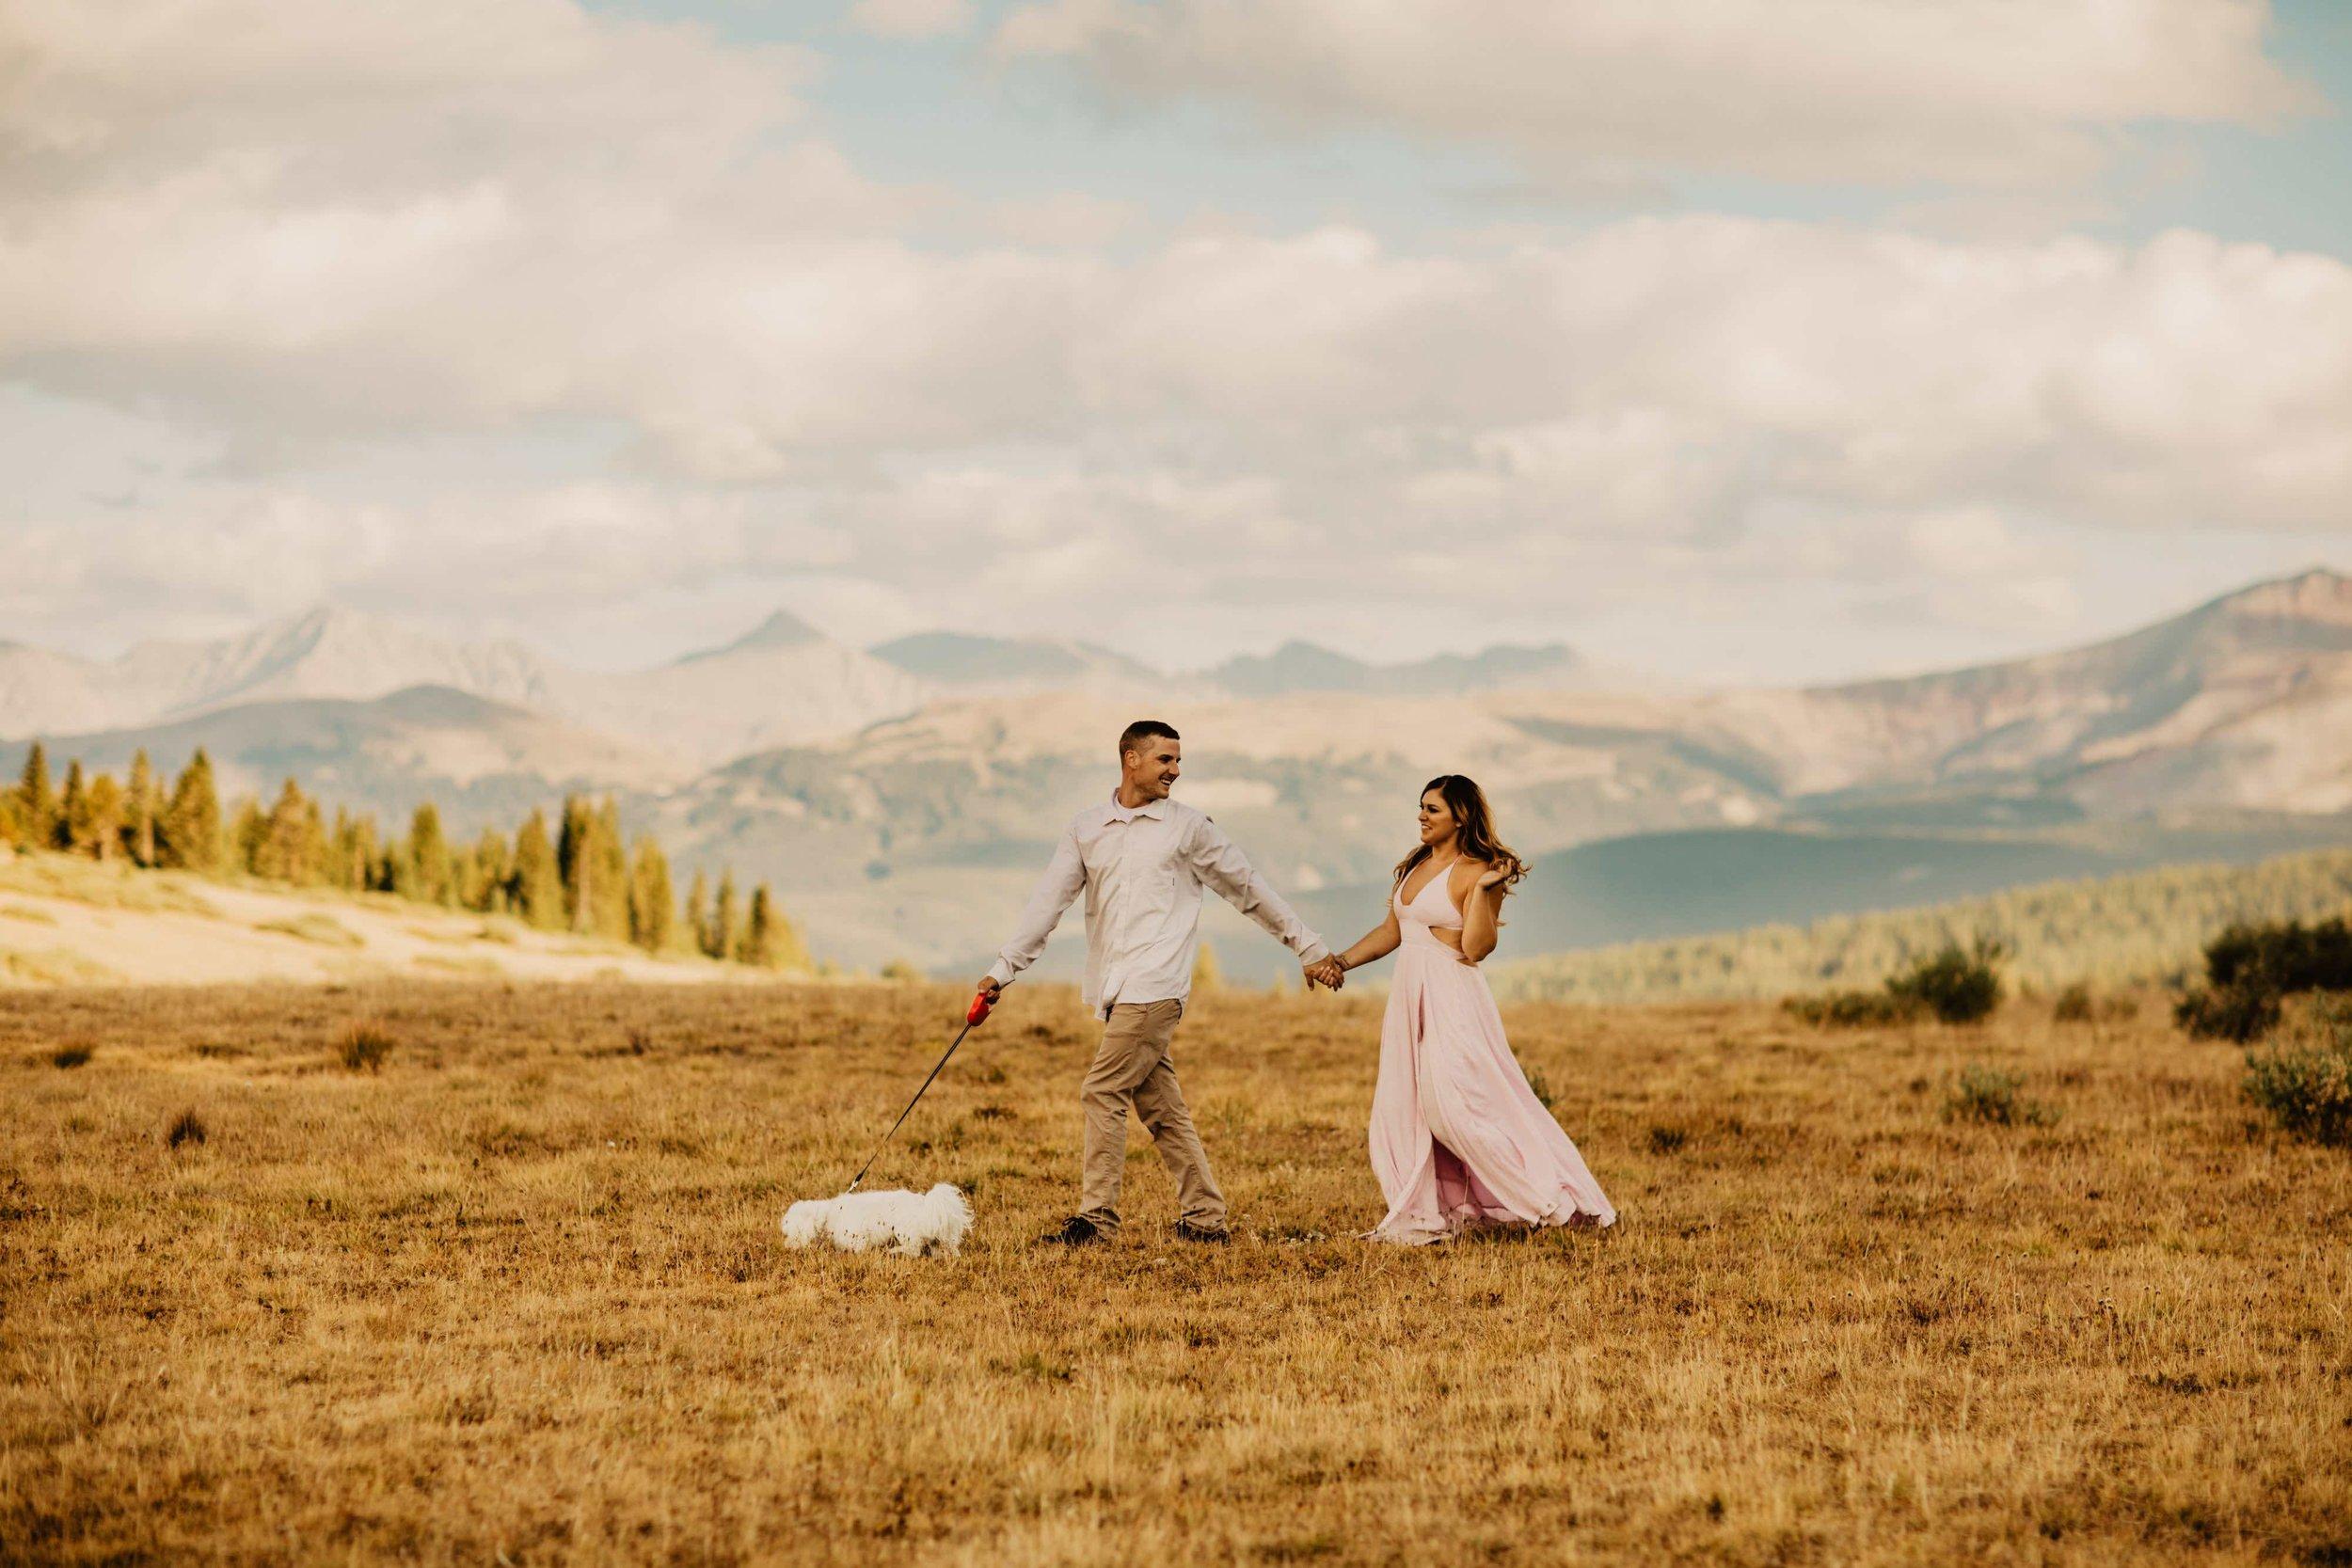 Kisa Conrad Favorites-0005-colorado-wedding-photographer-denver-springs-vail-colorado-wedding-photographer-denver-springs-vail.jpeg